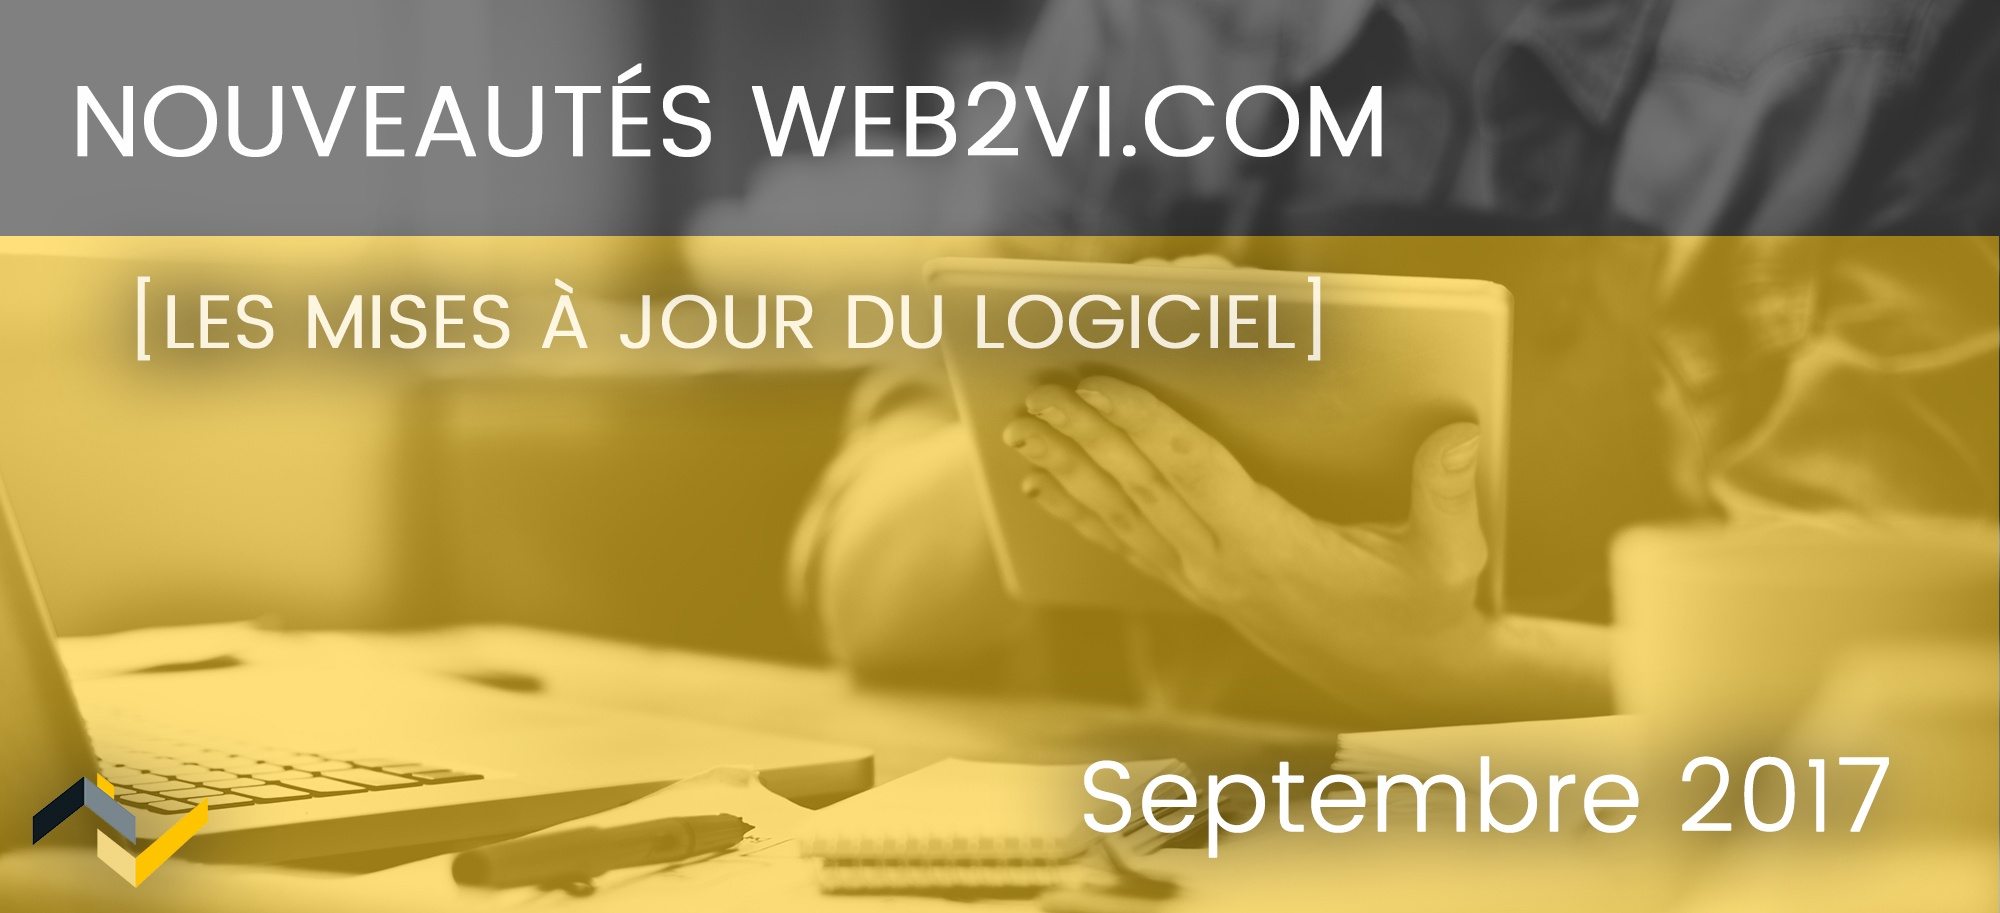 Les nouveautés de la plateforme Web2vi.com - Septembre 2017